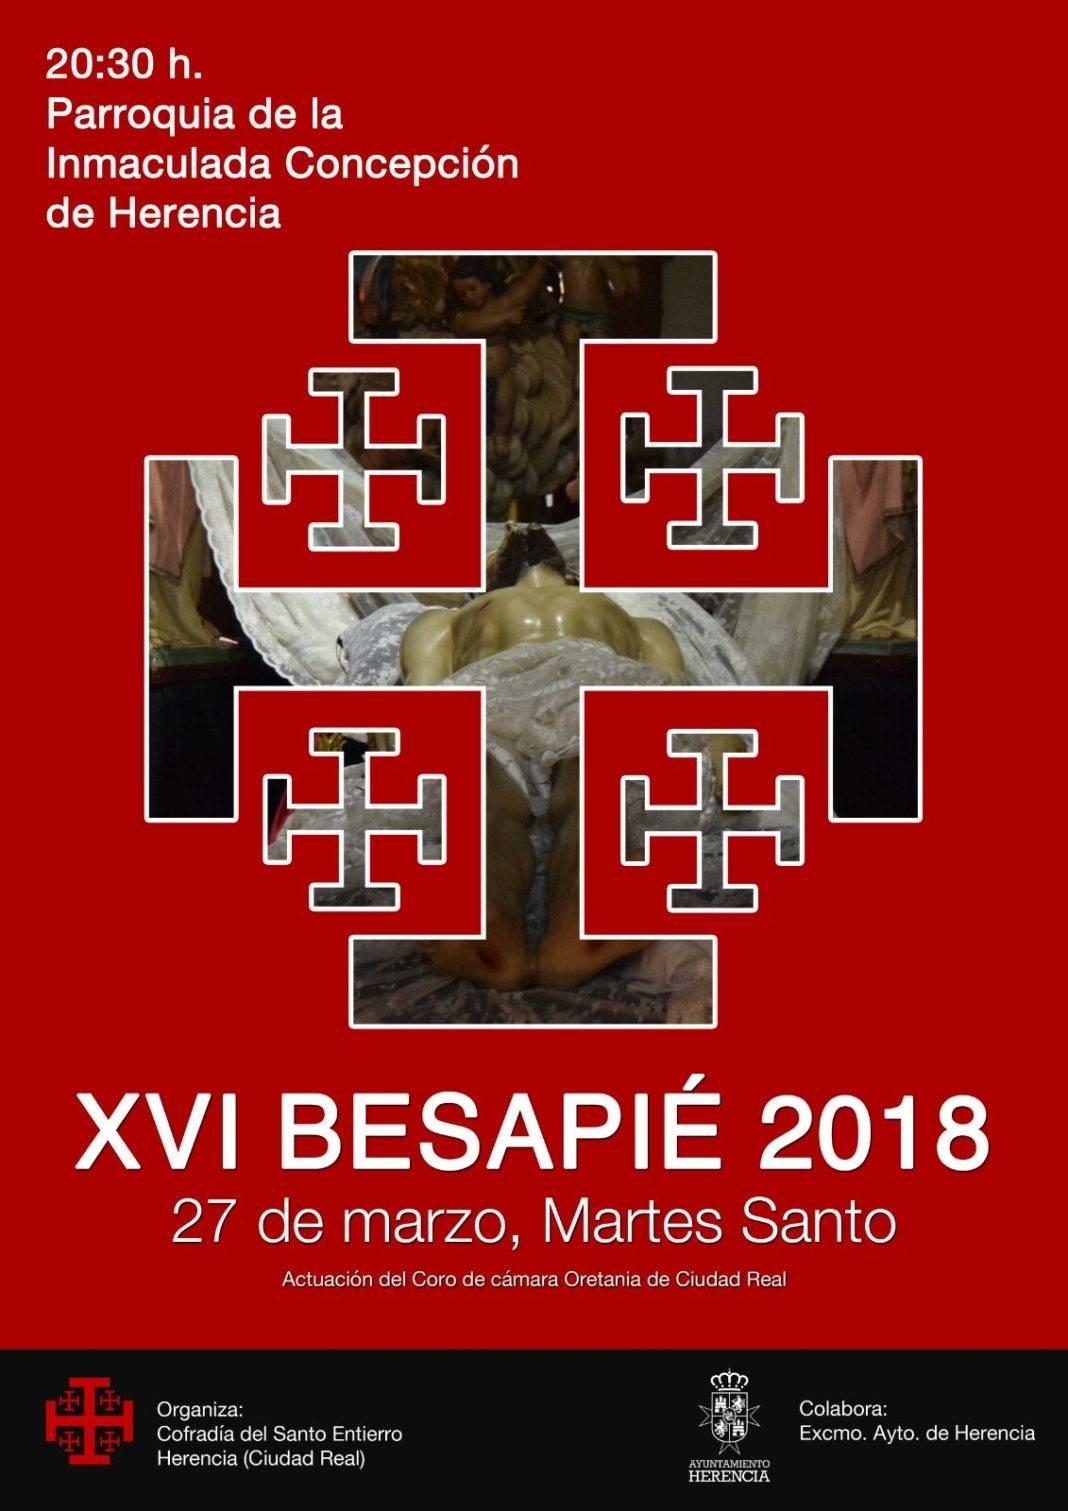 cartel besapies santo entierro herencia 2018 1068x1511 - La cofradía del Santo Entierro prepara su acto cofrade